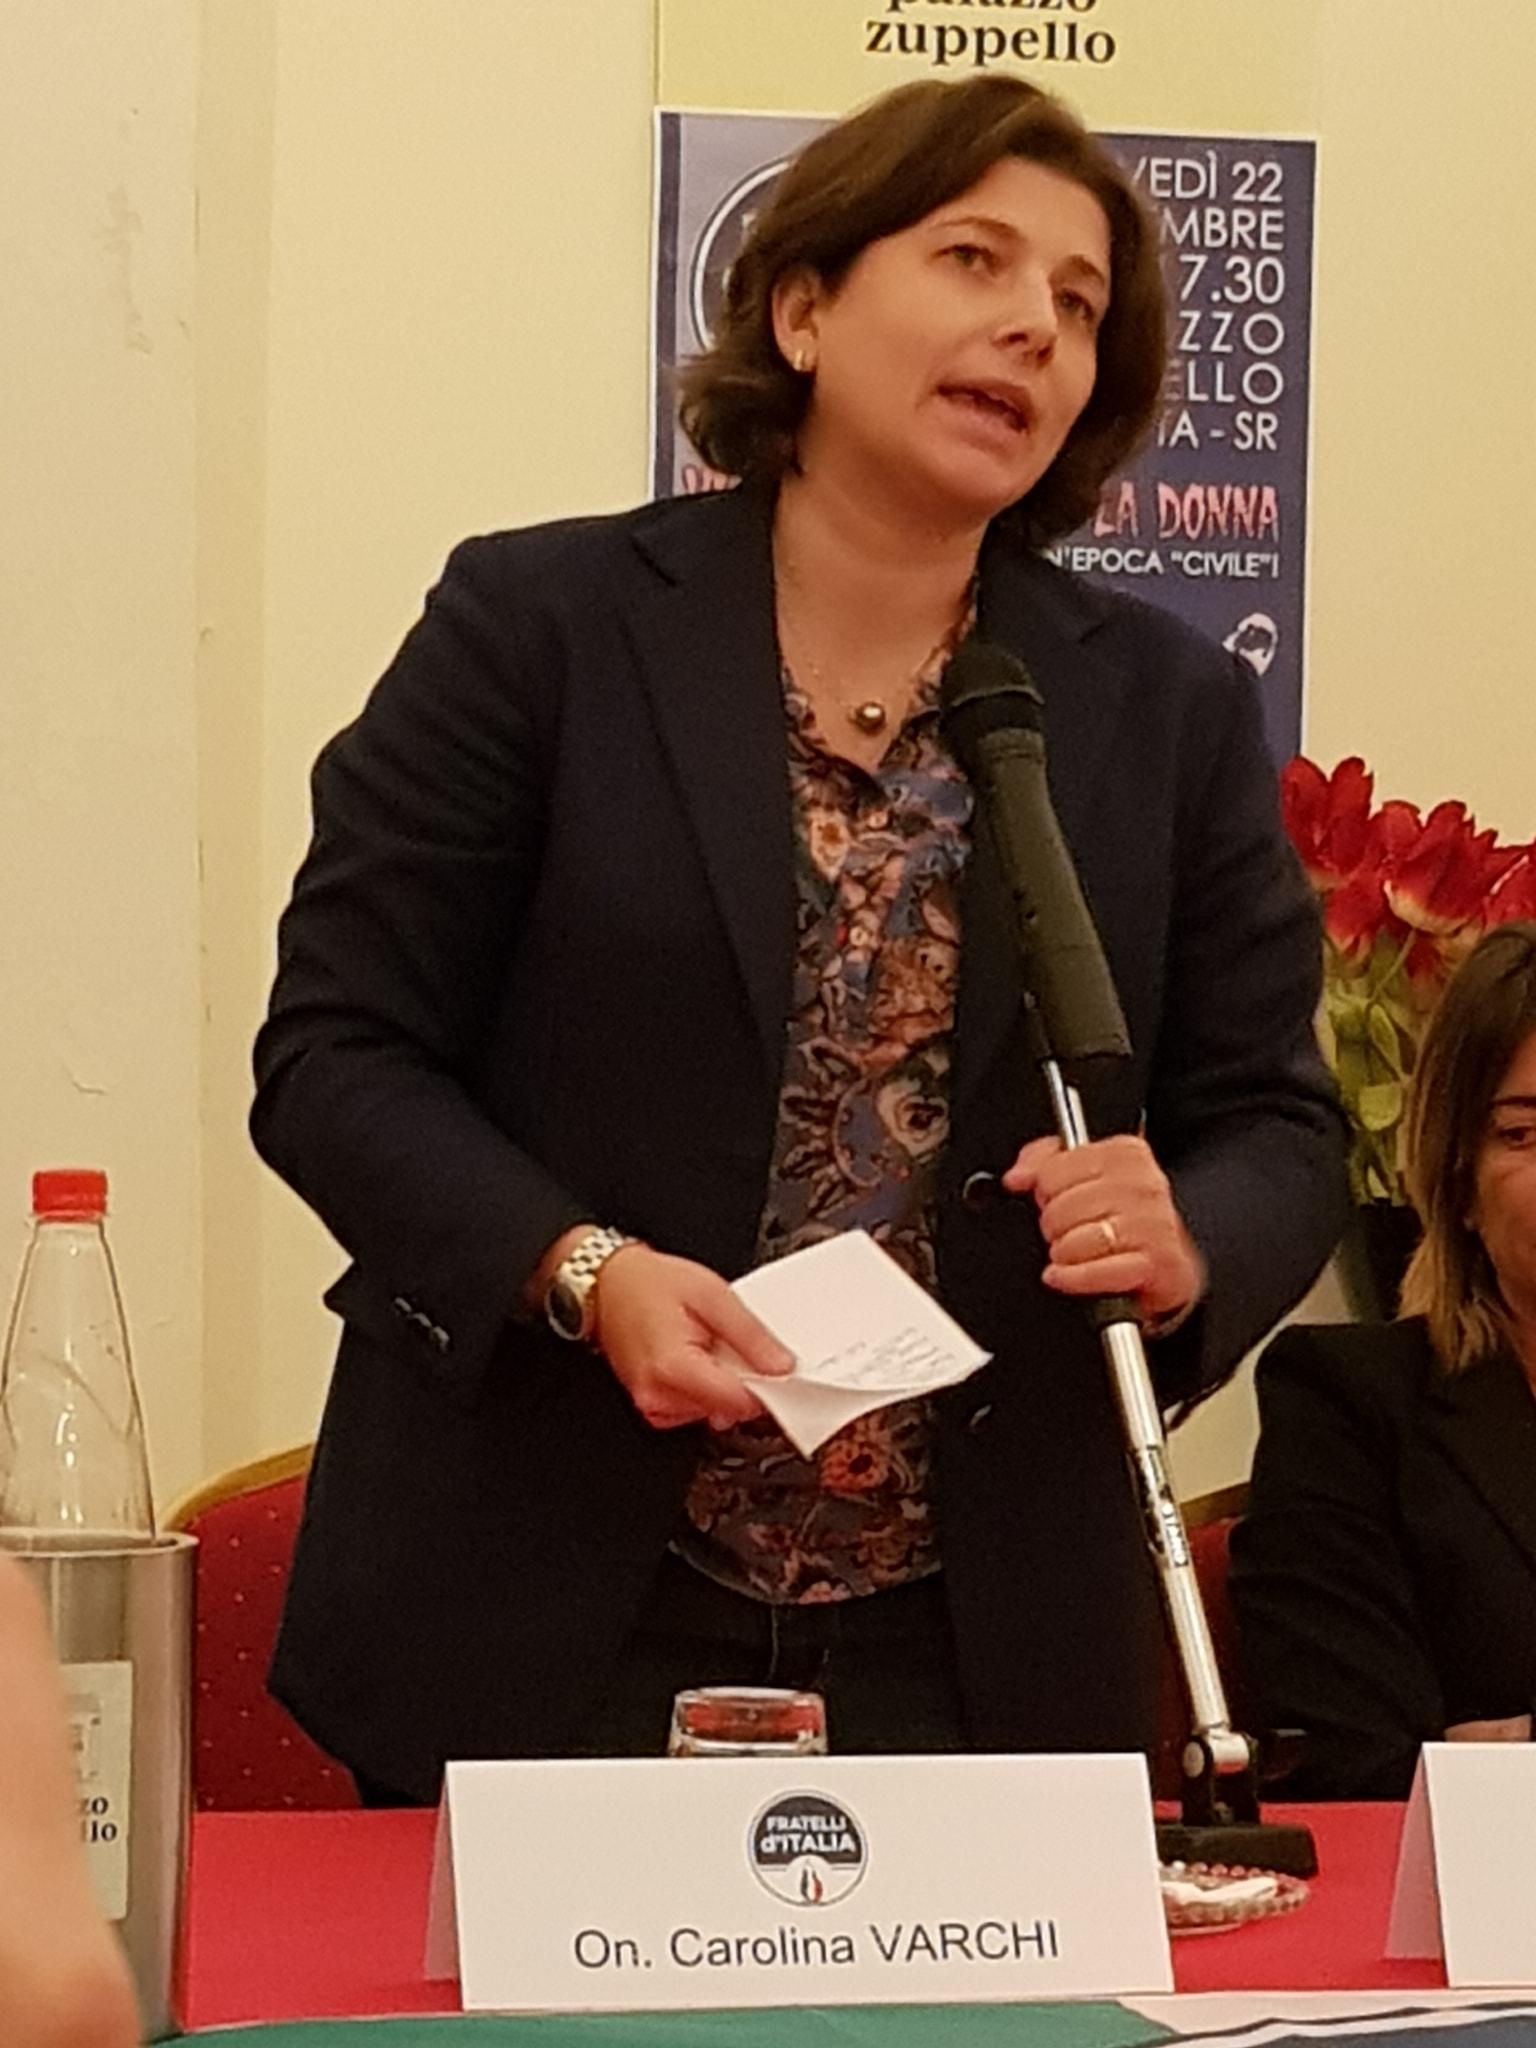 """Carolina Varchi (FDI) : """"il centrodestra può tornare vincente  in Sicilia solo attraverso il rinnovamento  e una nuova selezione della classe dirigente"""""""